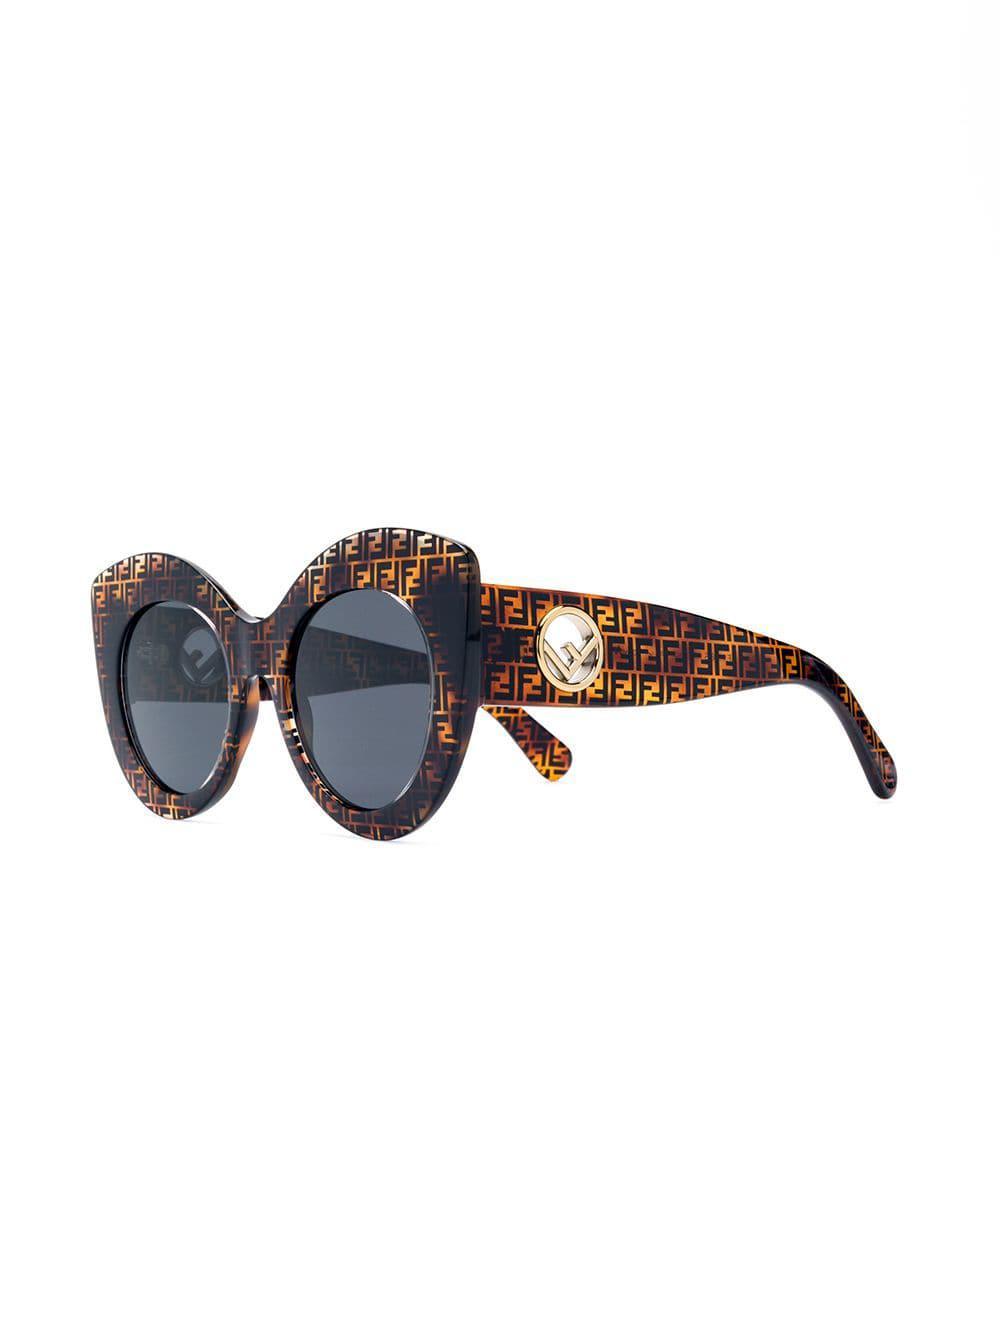 39454d5c15b0 Fendi F Is Fendi Sunglasses in Brown - Lyst